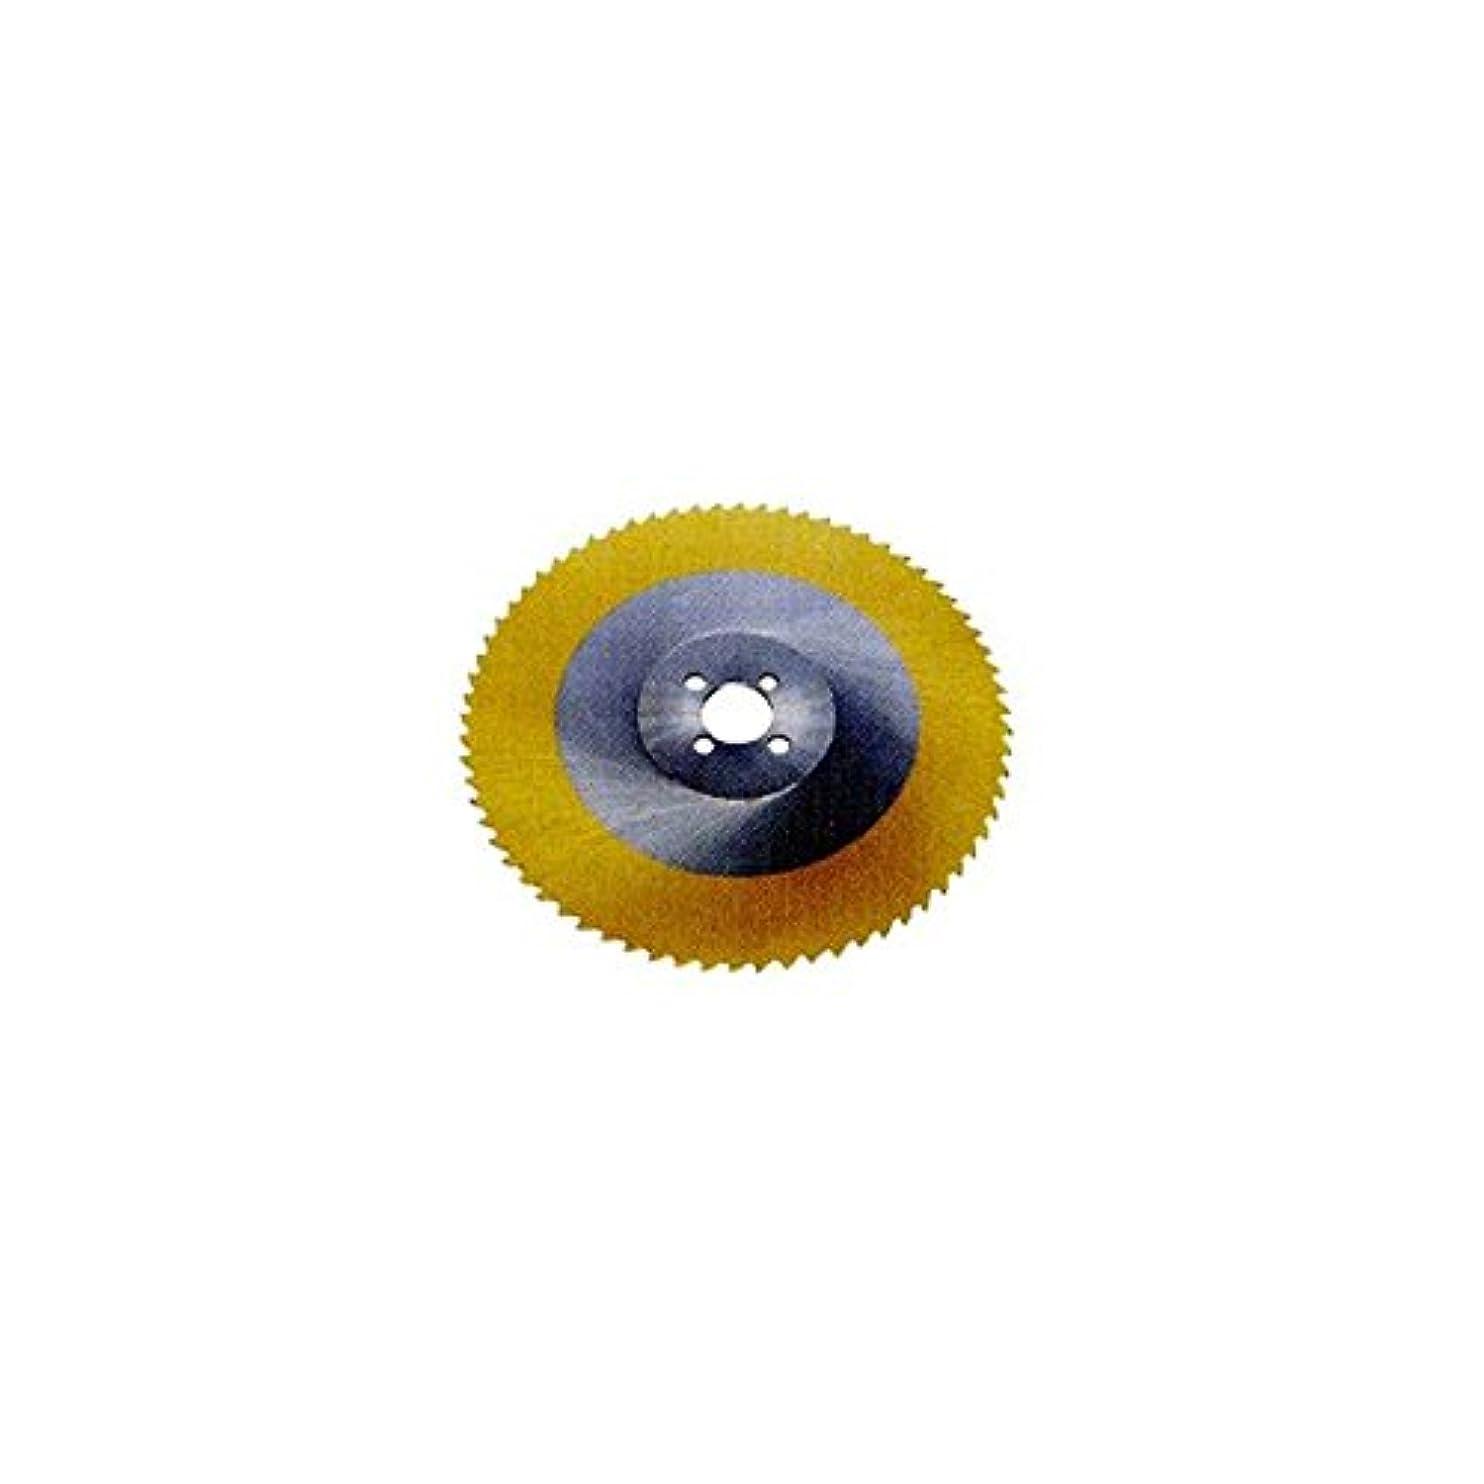 手荷物歌手フォアマン岡崎精工:TINコバルトソ(63×11×4)280×2.5×32-P TCMS07-P06